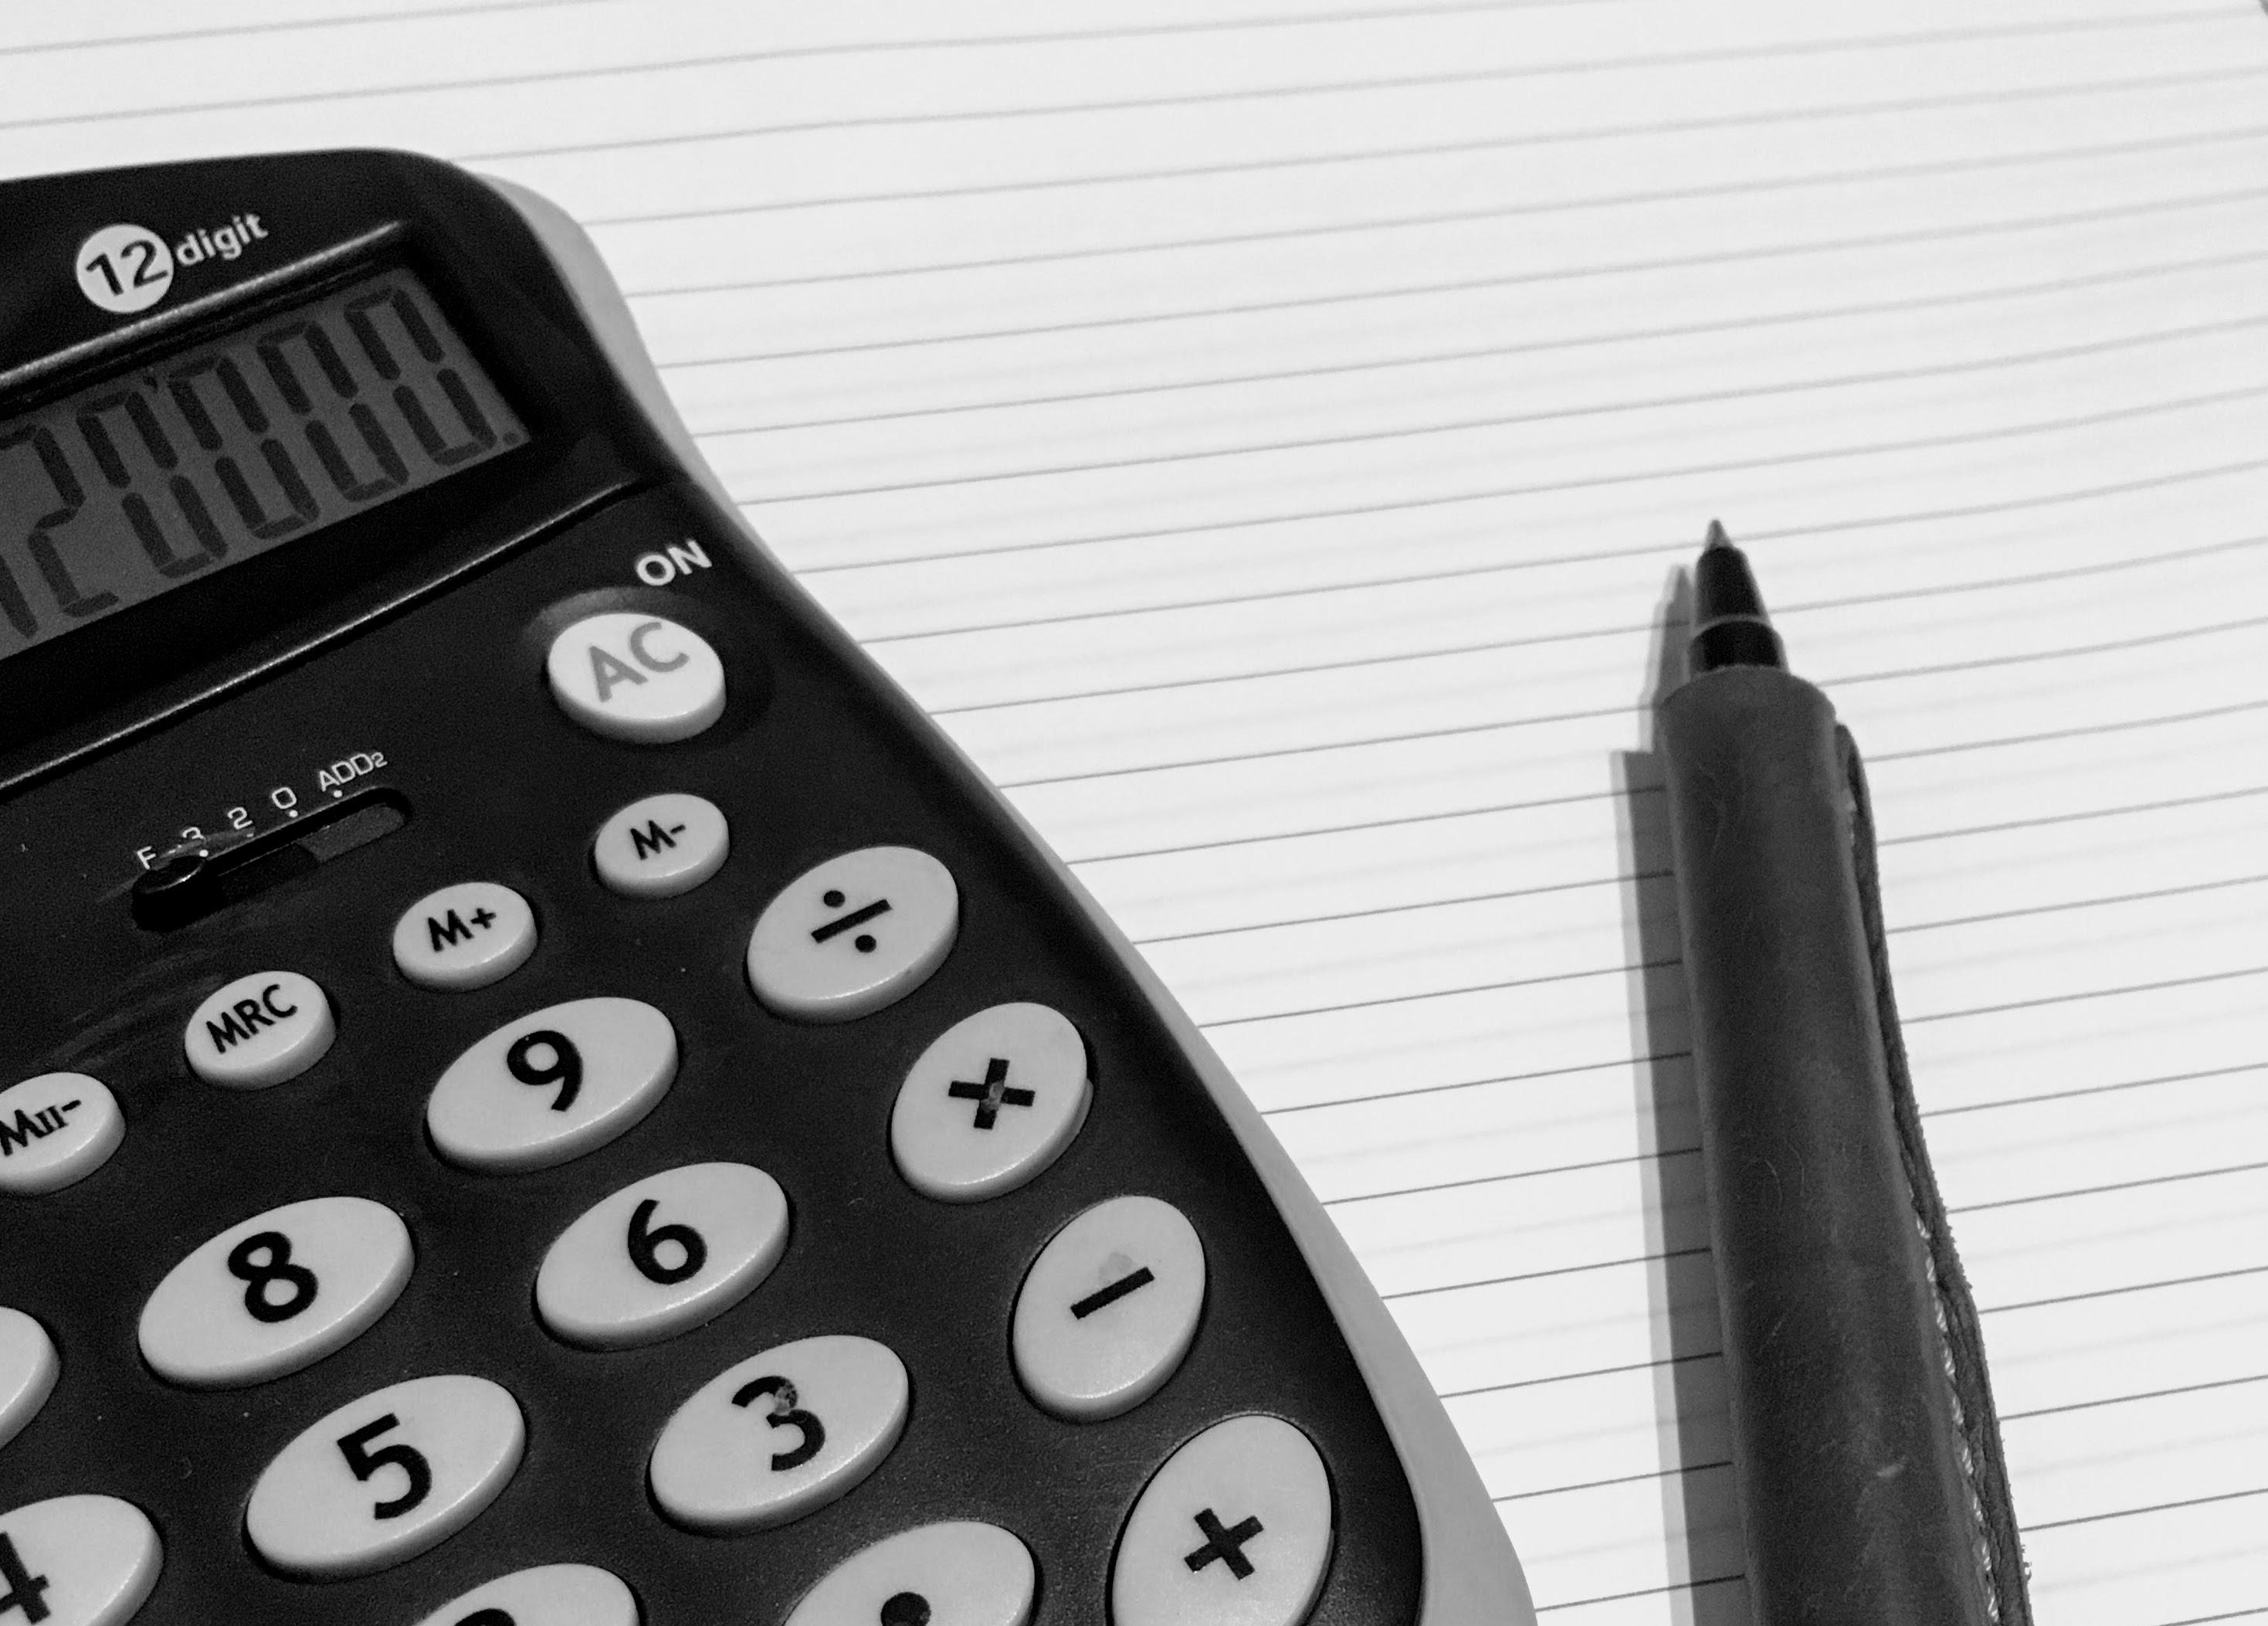 光熱費を計算する電卓